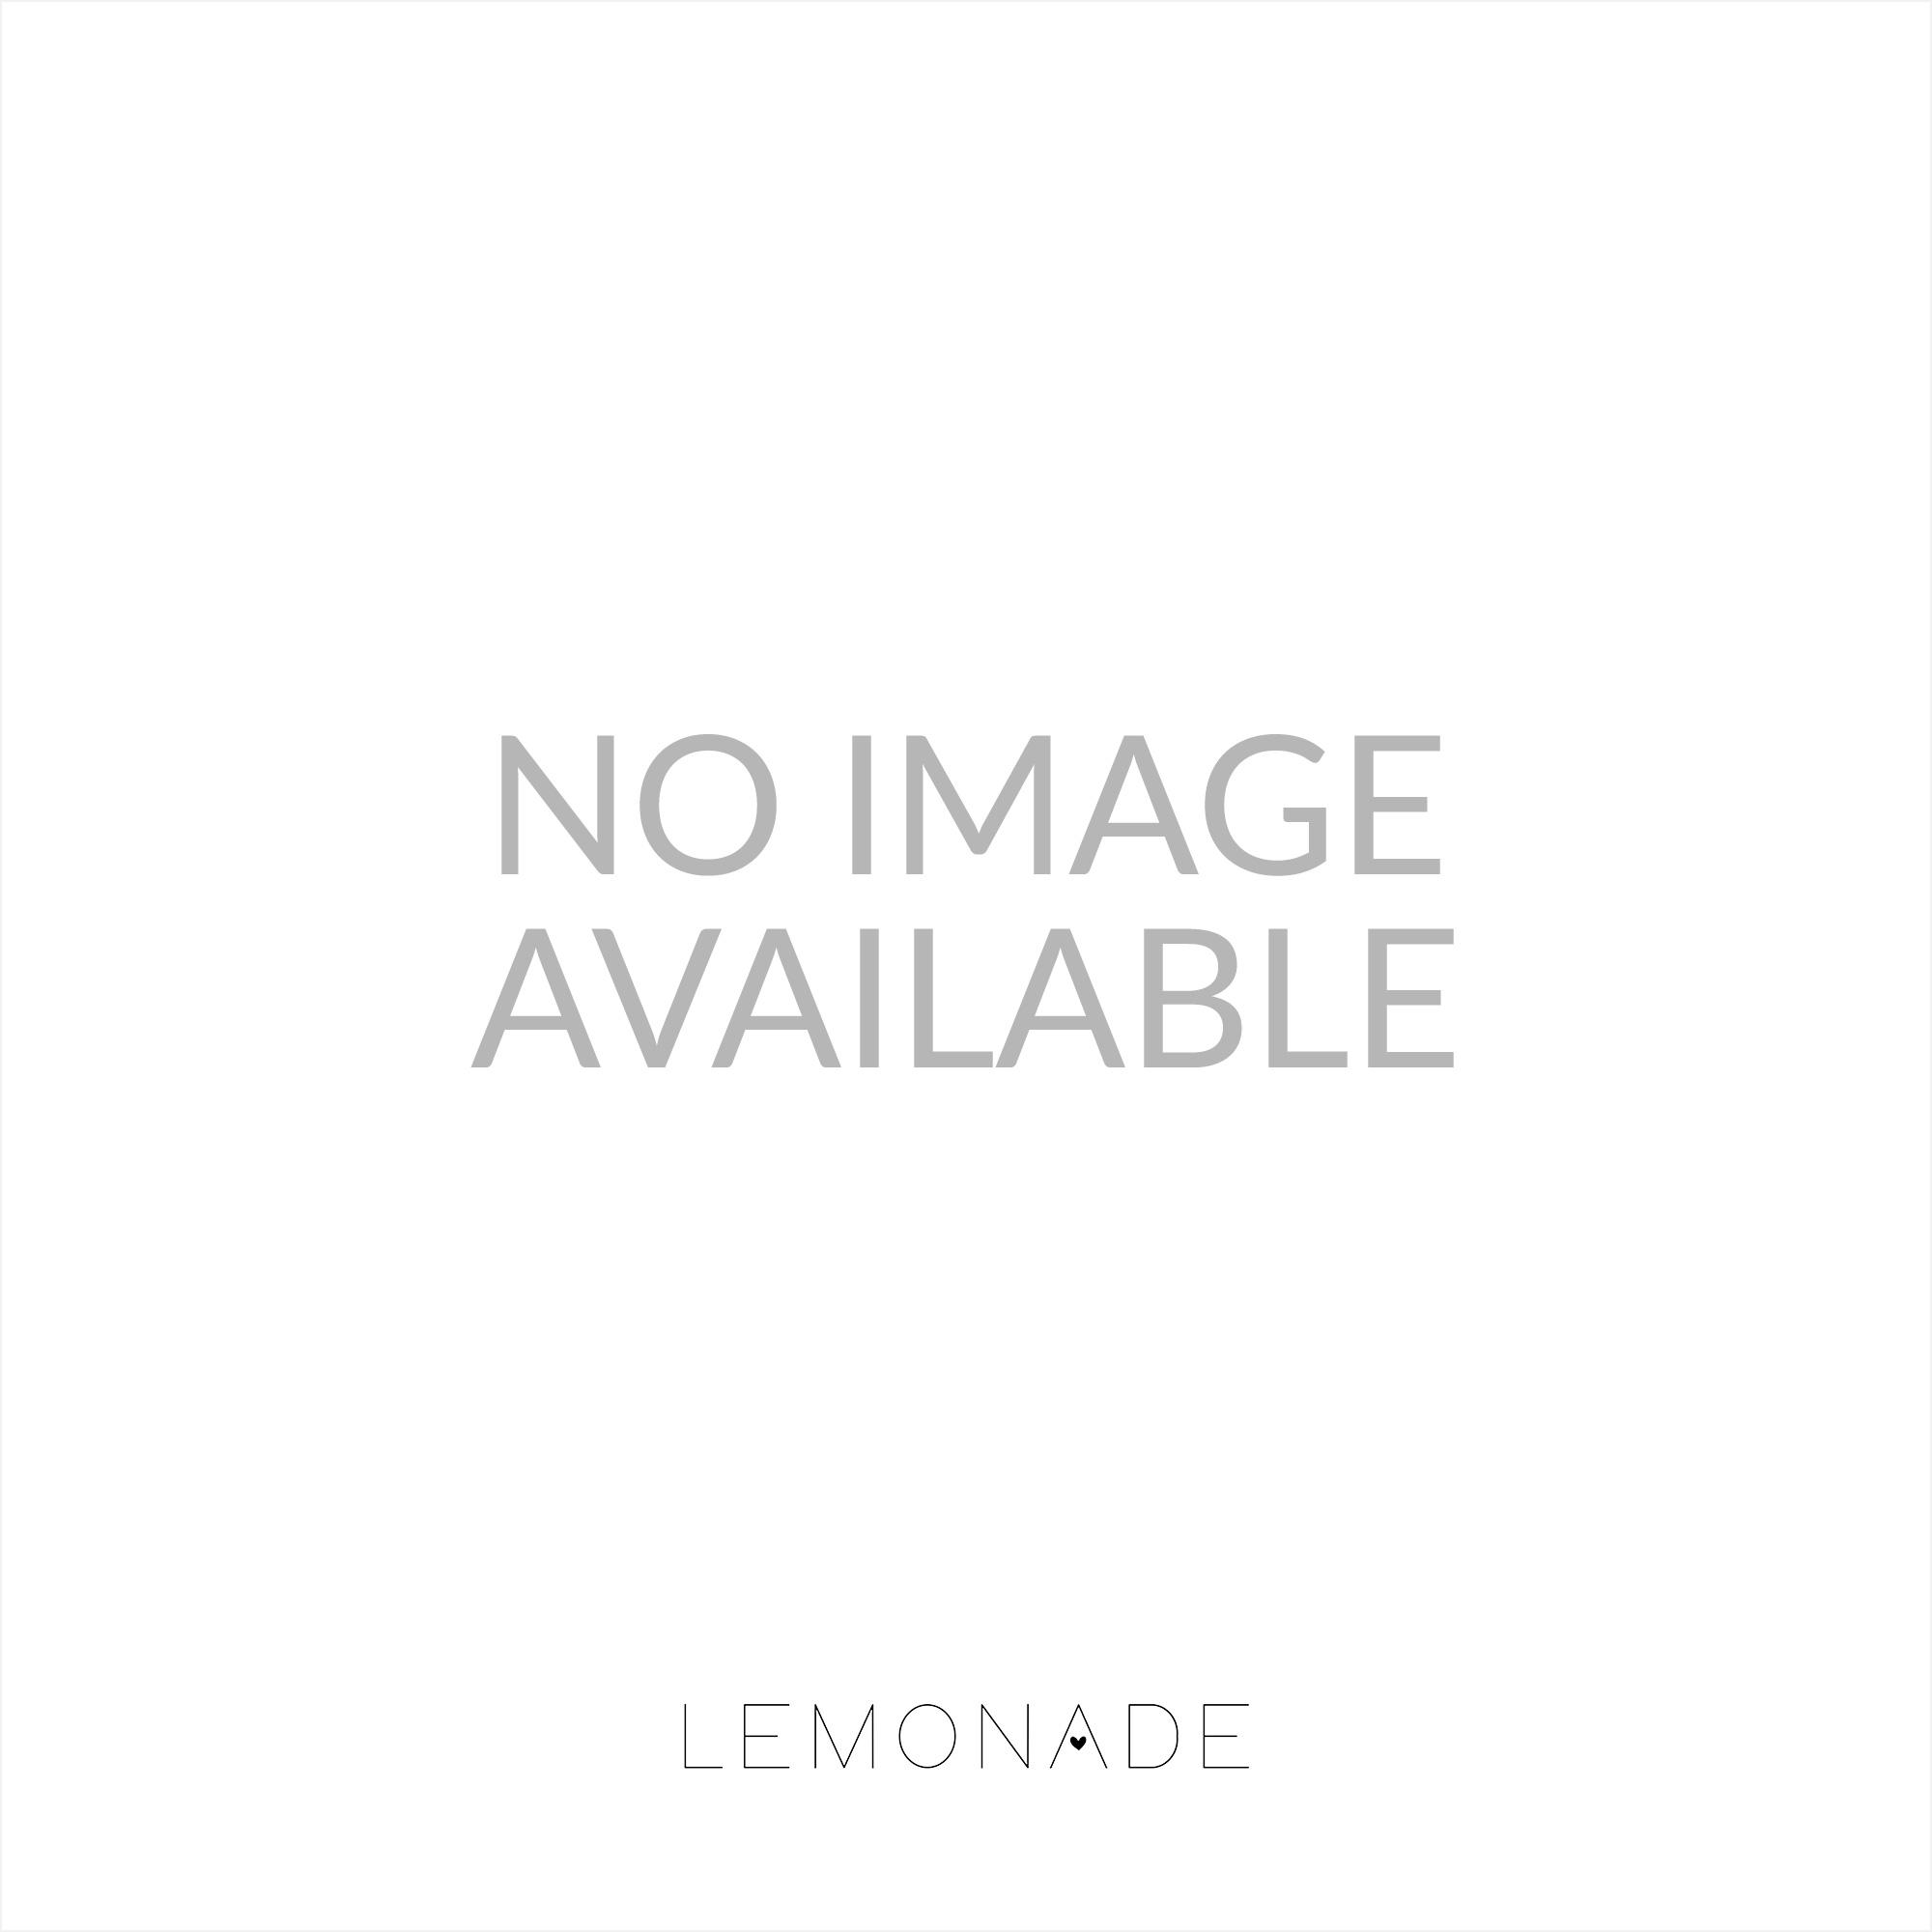 Lemonade Crystal Demi Wedge Slider Rose Gold Shop Shoes